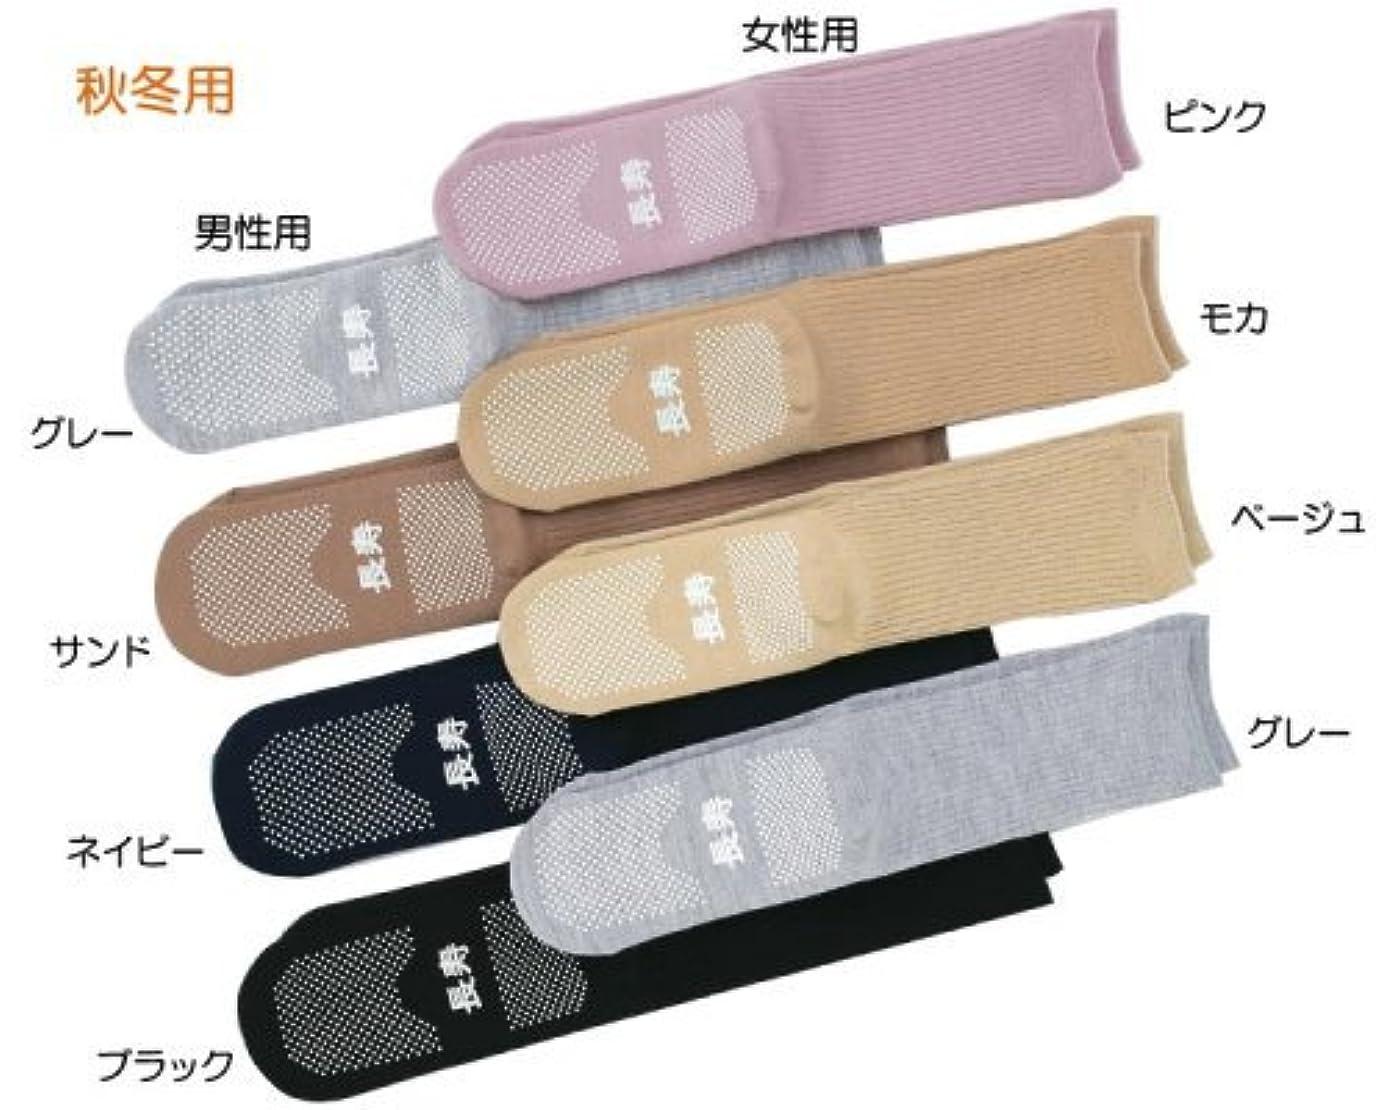 縫うブームフォアタイプ神戸生絲 すべり止め靴下( 長寿